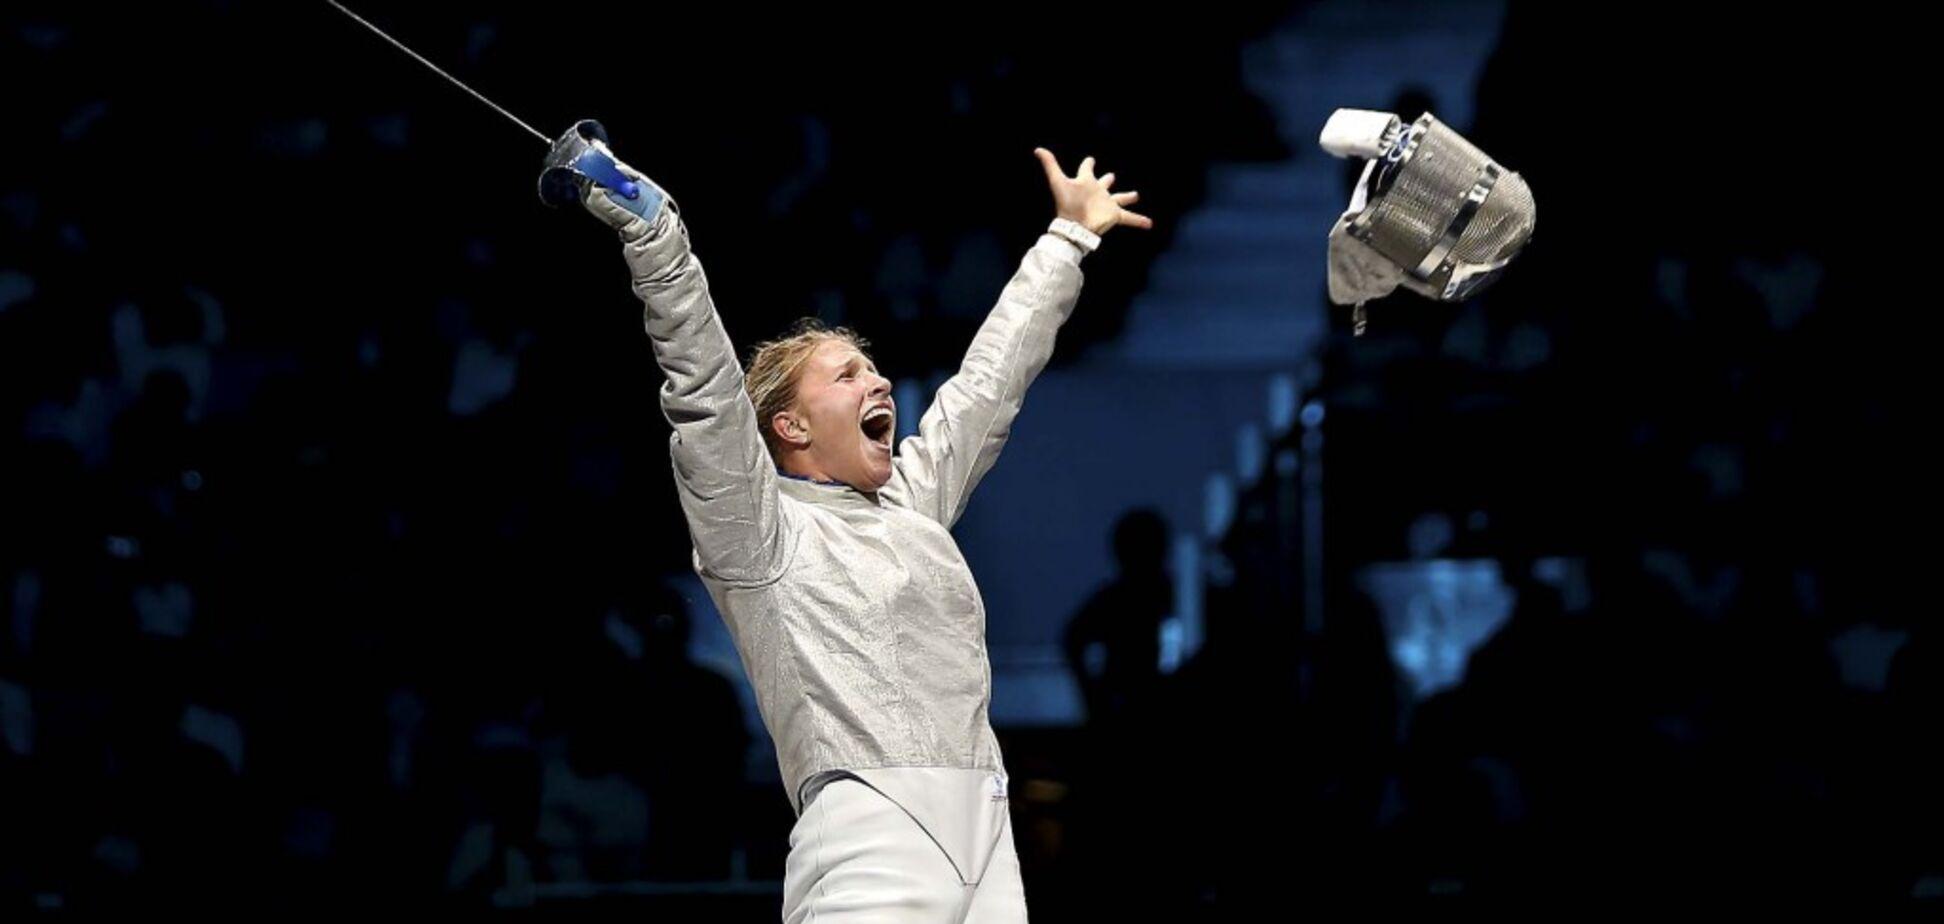 Харлан выиграла Кубок мира, опередив россиянку